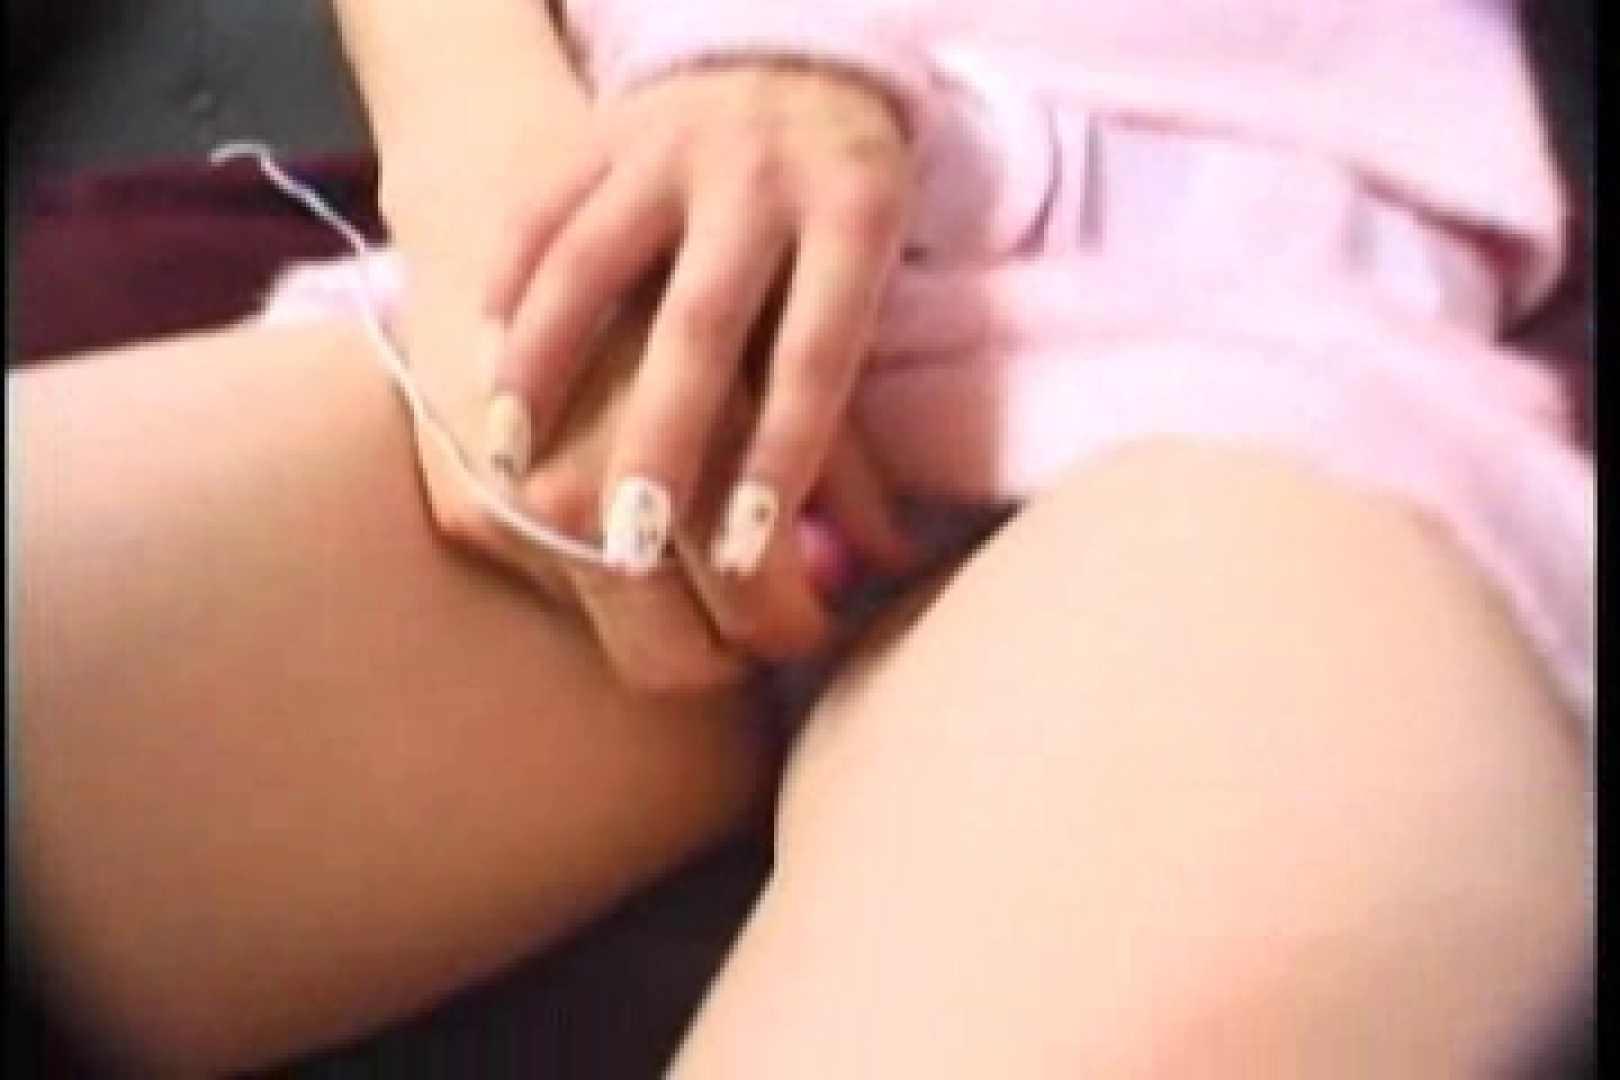 素人嬢126人のハメ撮り 山下まい 巨乳女子 | メーカー直接買い取り  98pic 73